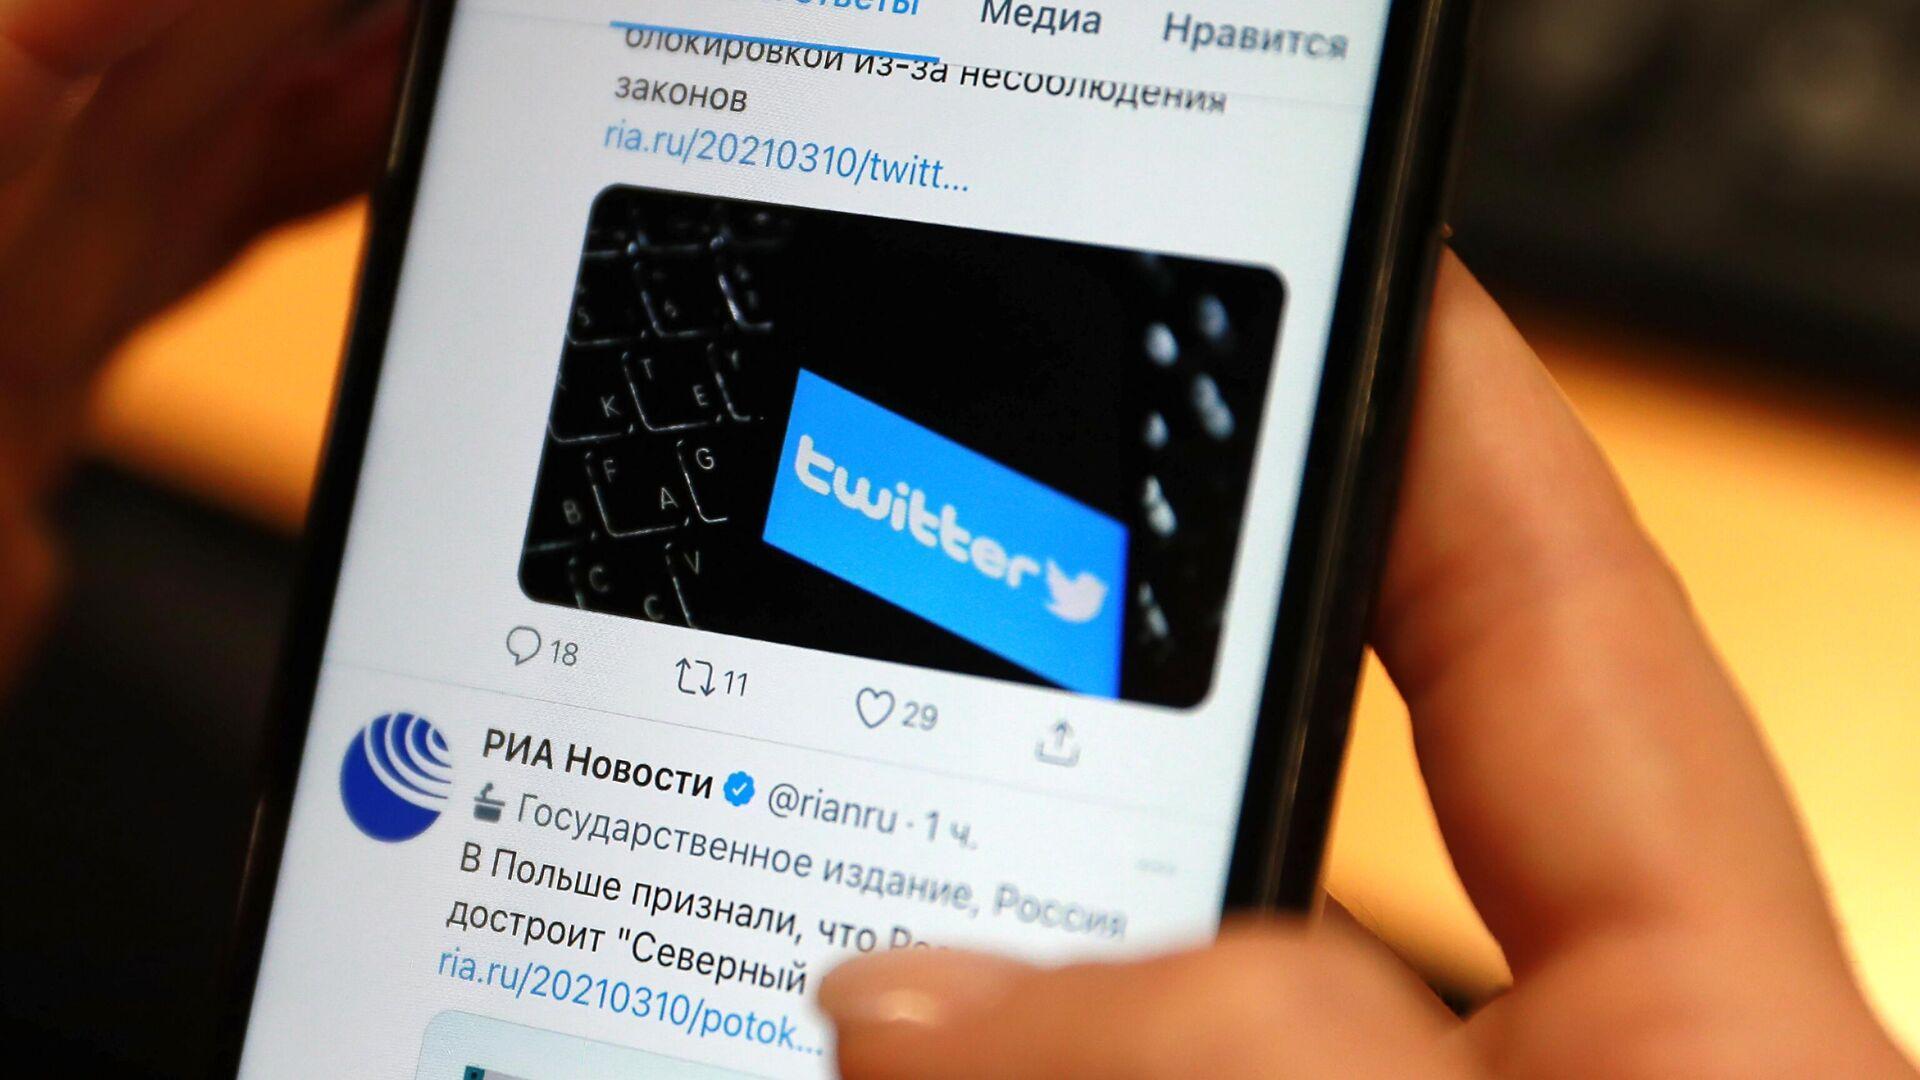 Приложение Twitter на экране мобильного телефона - РИА Новости, 1920, 10.03.2021